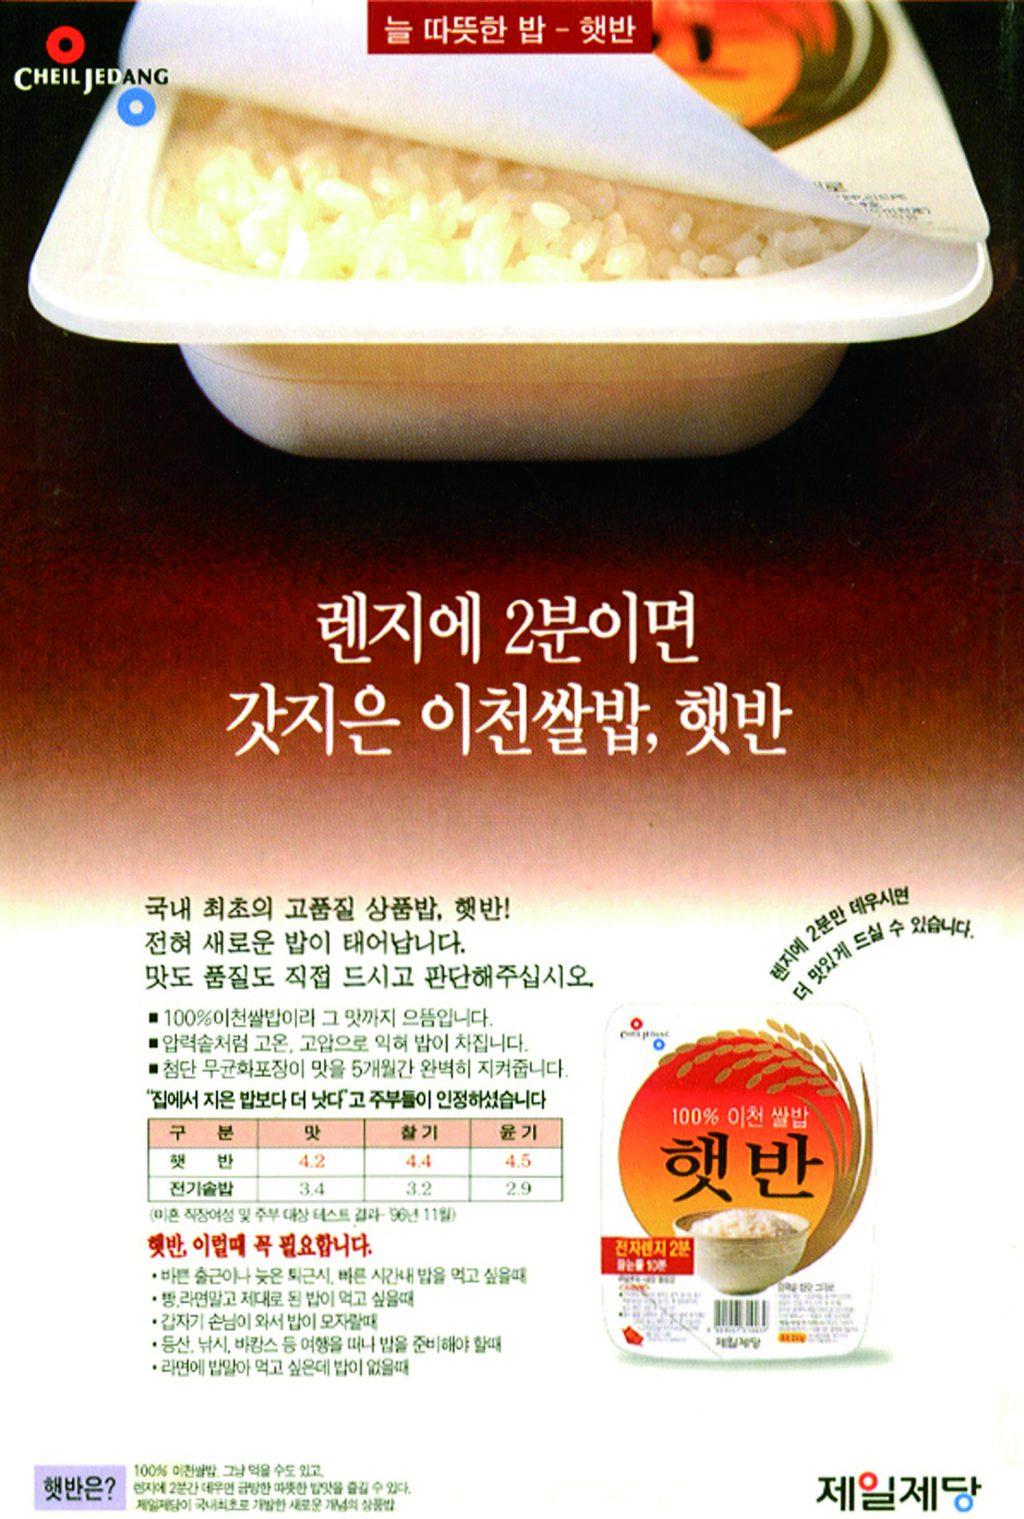 1996년 국내 최초의 무균포장밥 햇반 출시 광고